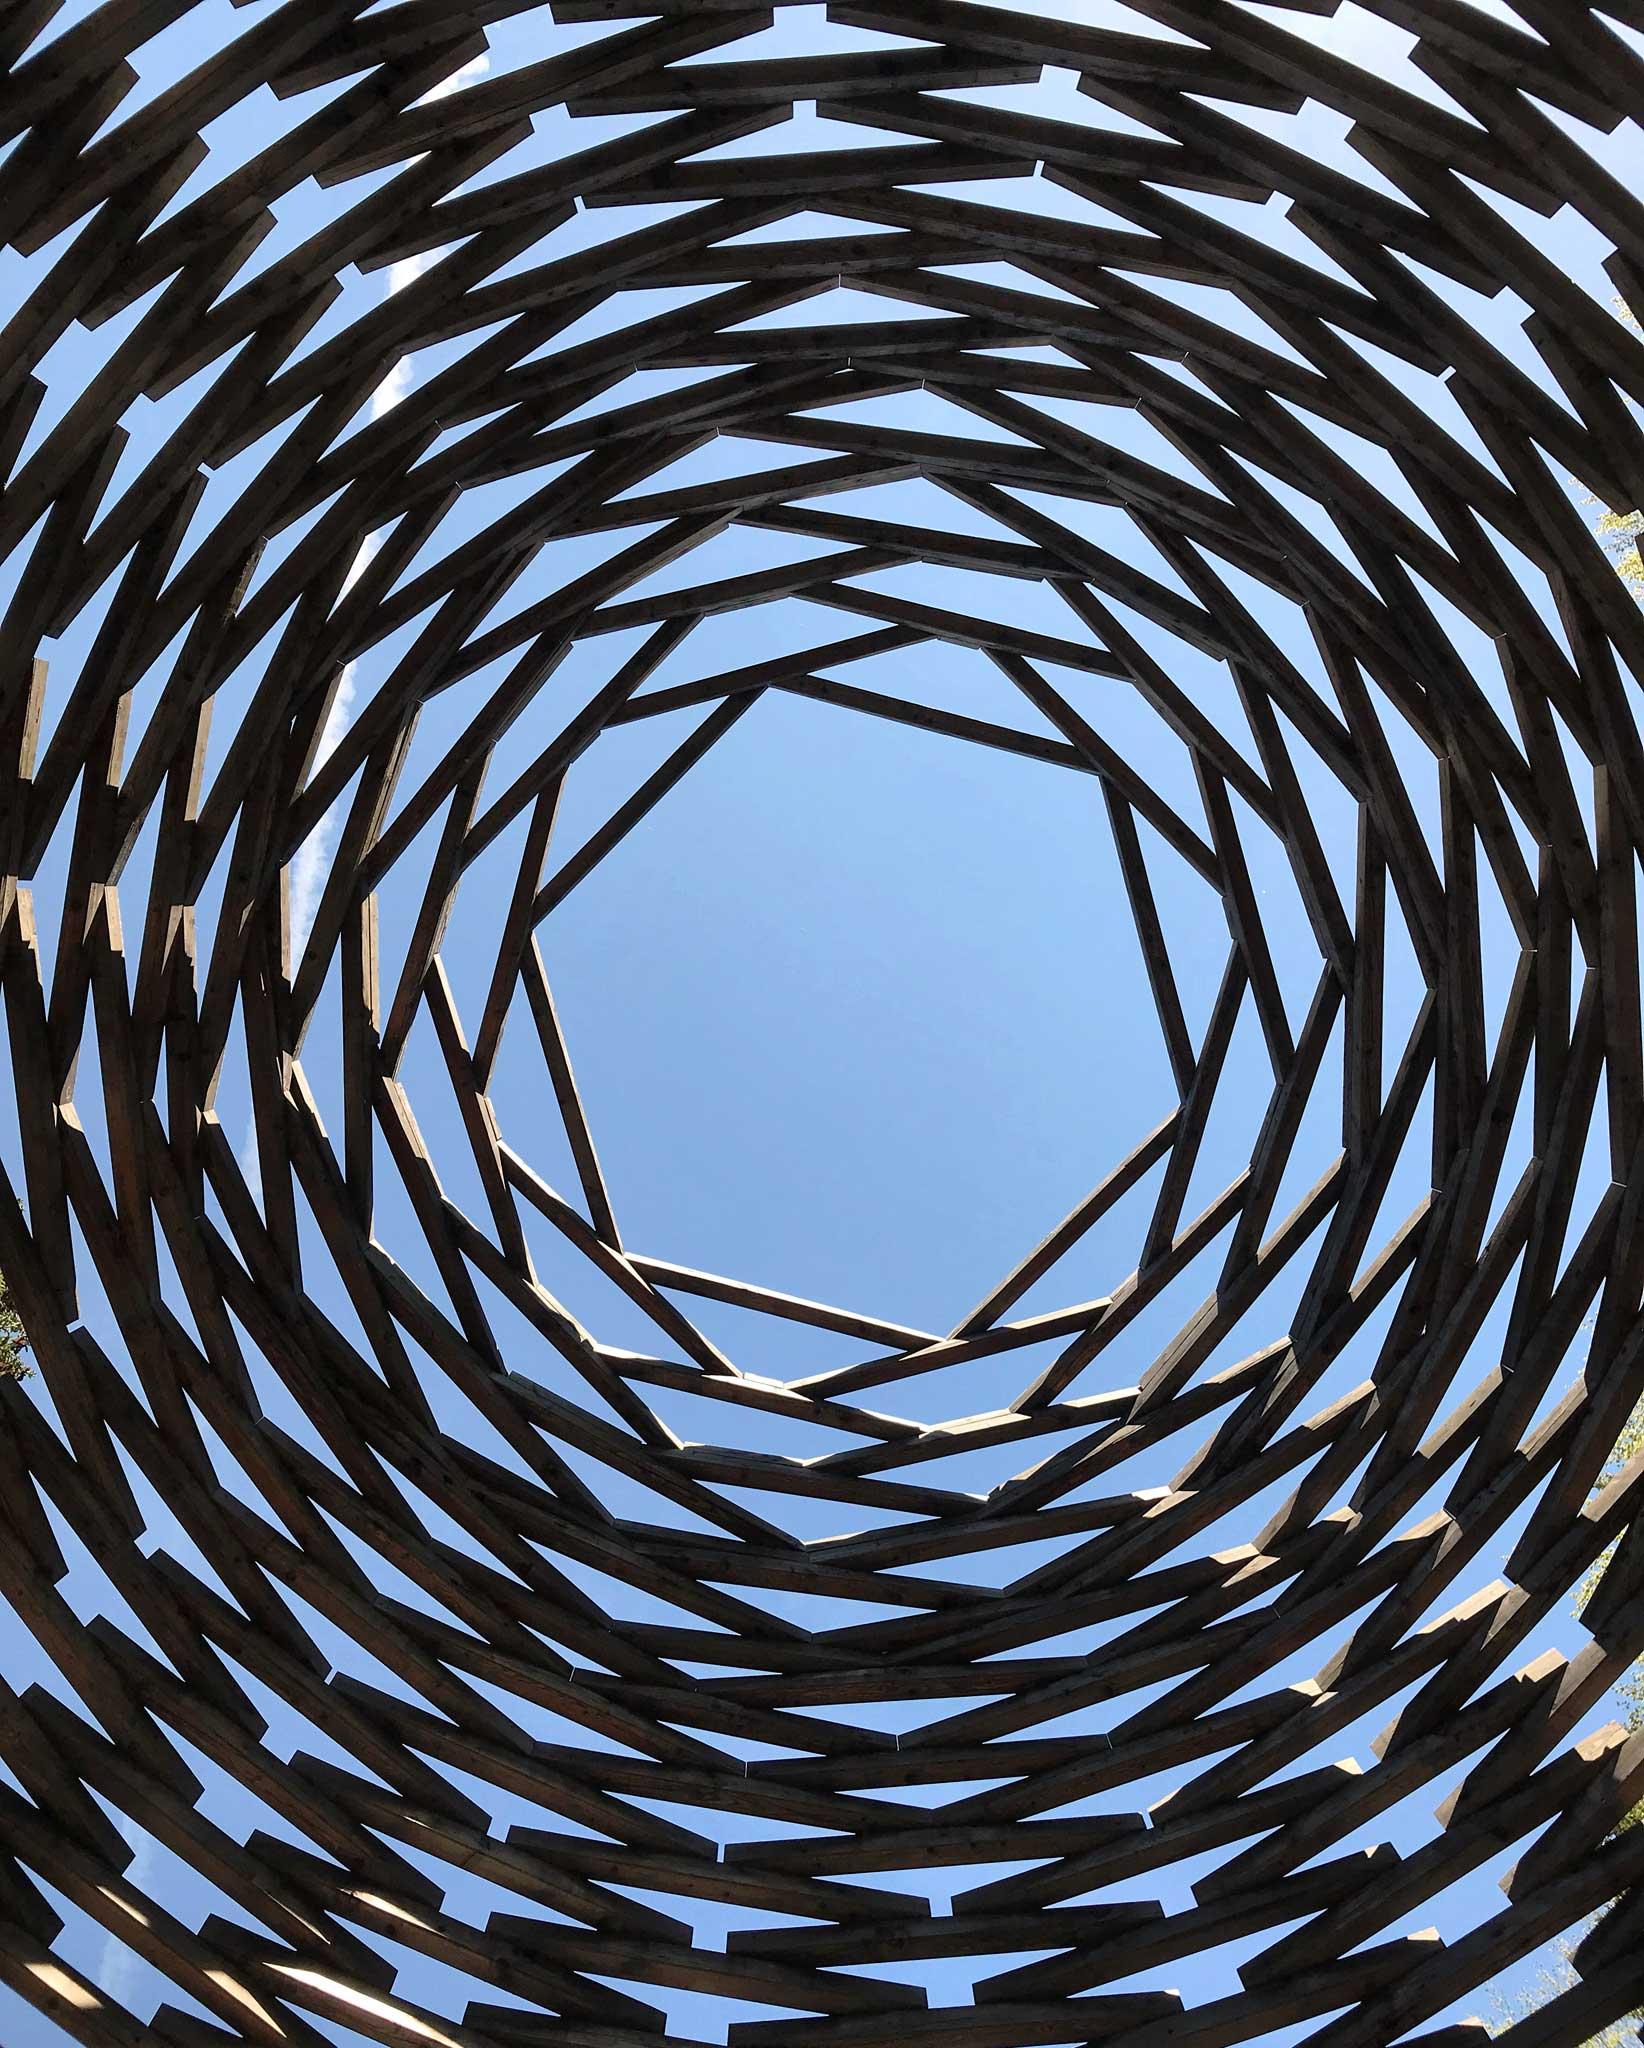 Arte-Sella-Valsugana-land-art-Wilder-2013-buco-esagonale-cielo